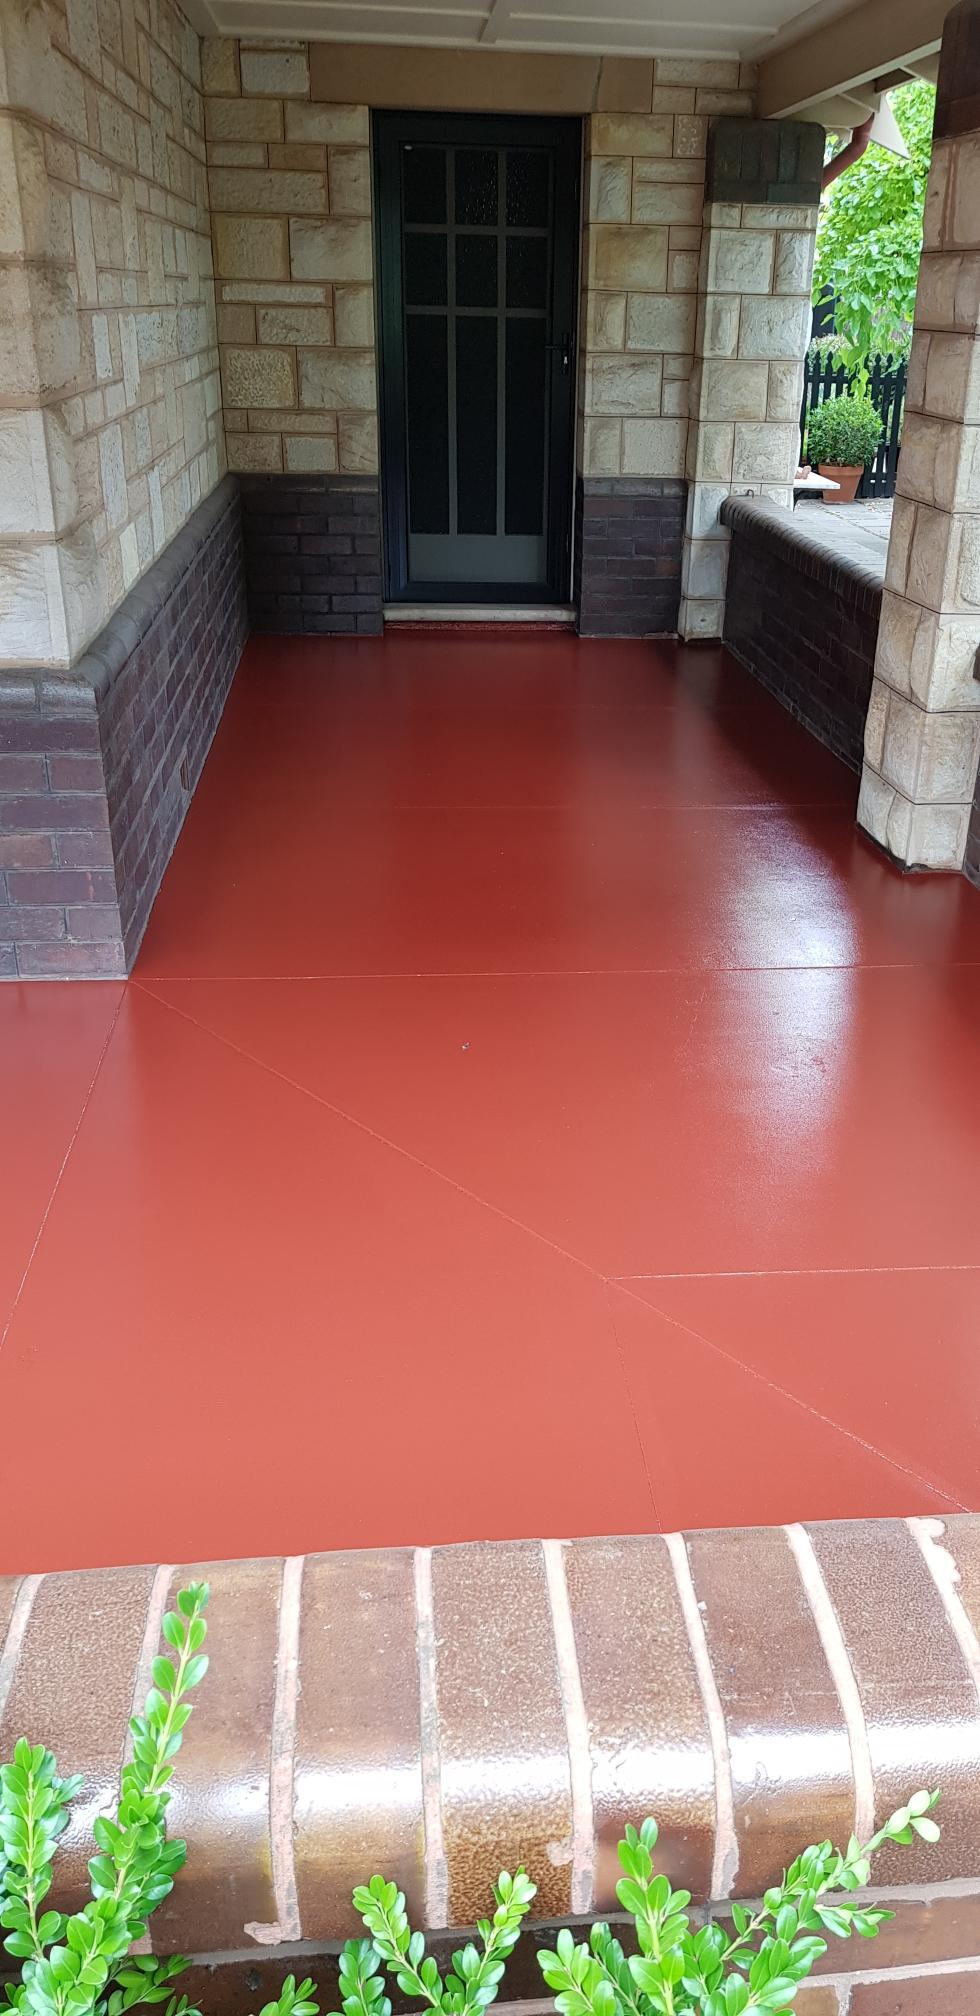 43 Marlborough St Westbourne Park porch floor after